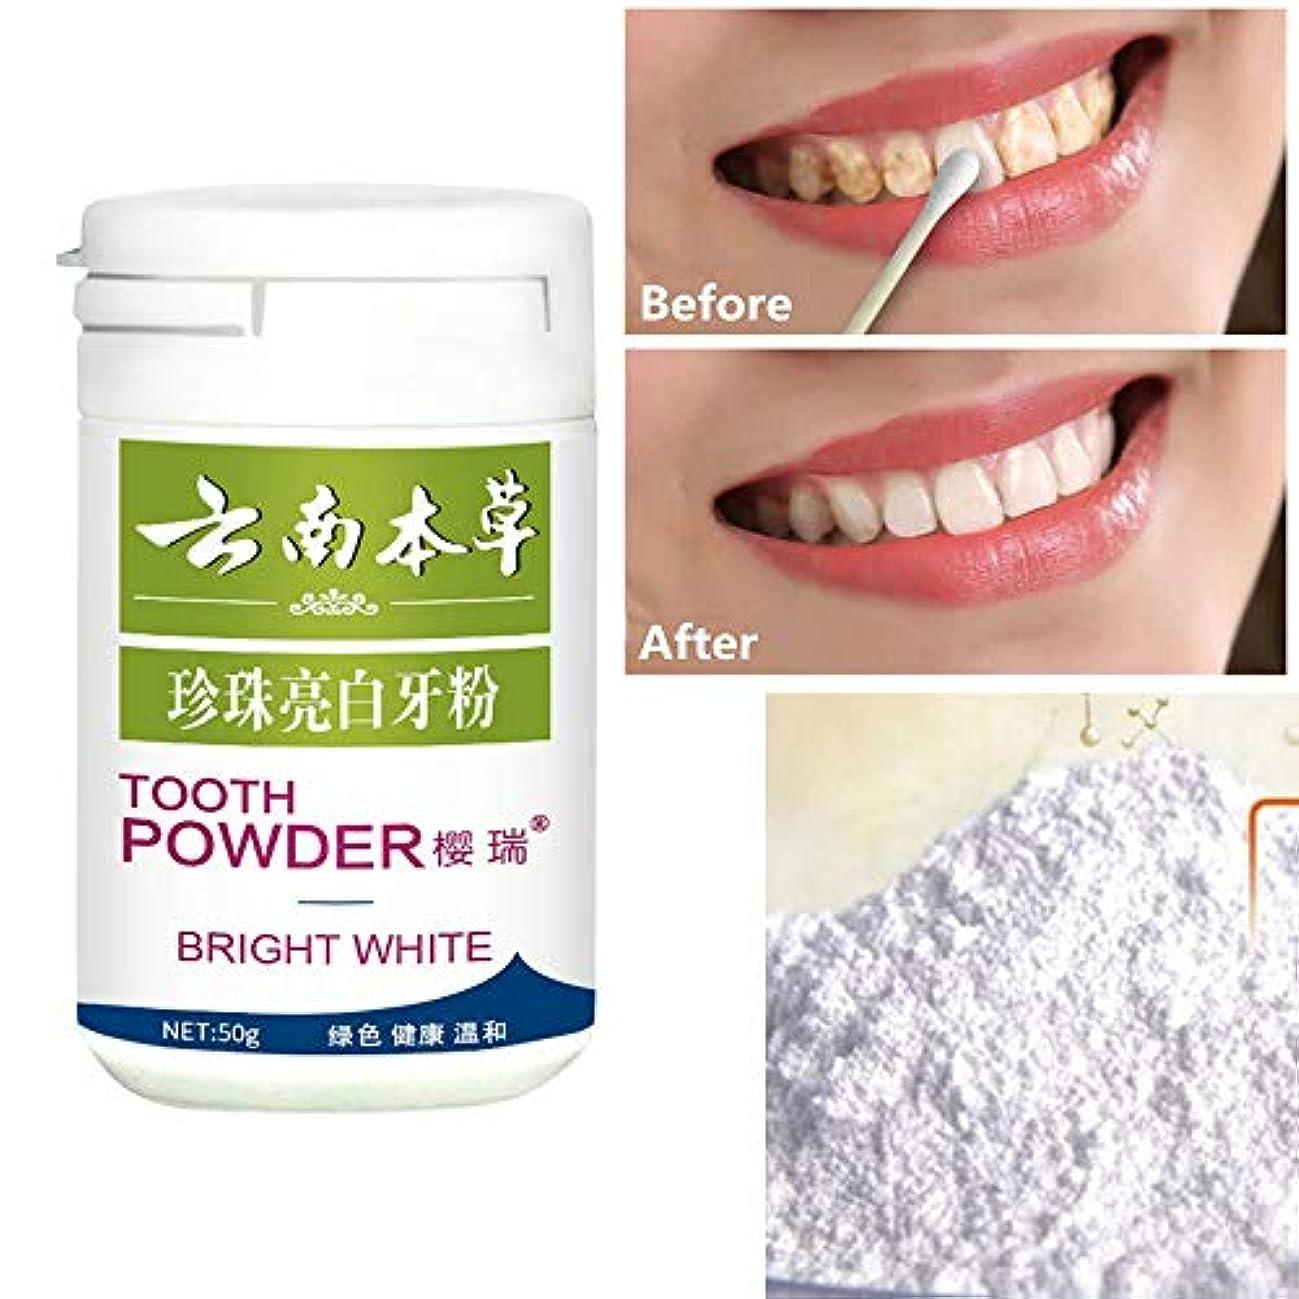 高音差クリスチャン50gホワイトニング歯のケア口臭を除去するプラーク歯磨き粉粉末をきれいにする歯の歯石の歯石除去の汚れ